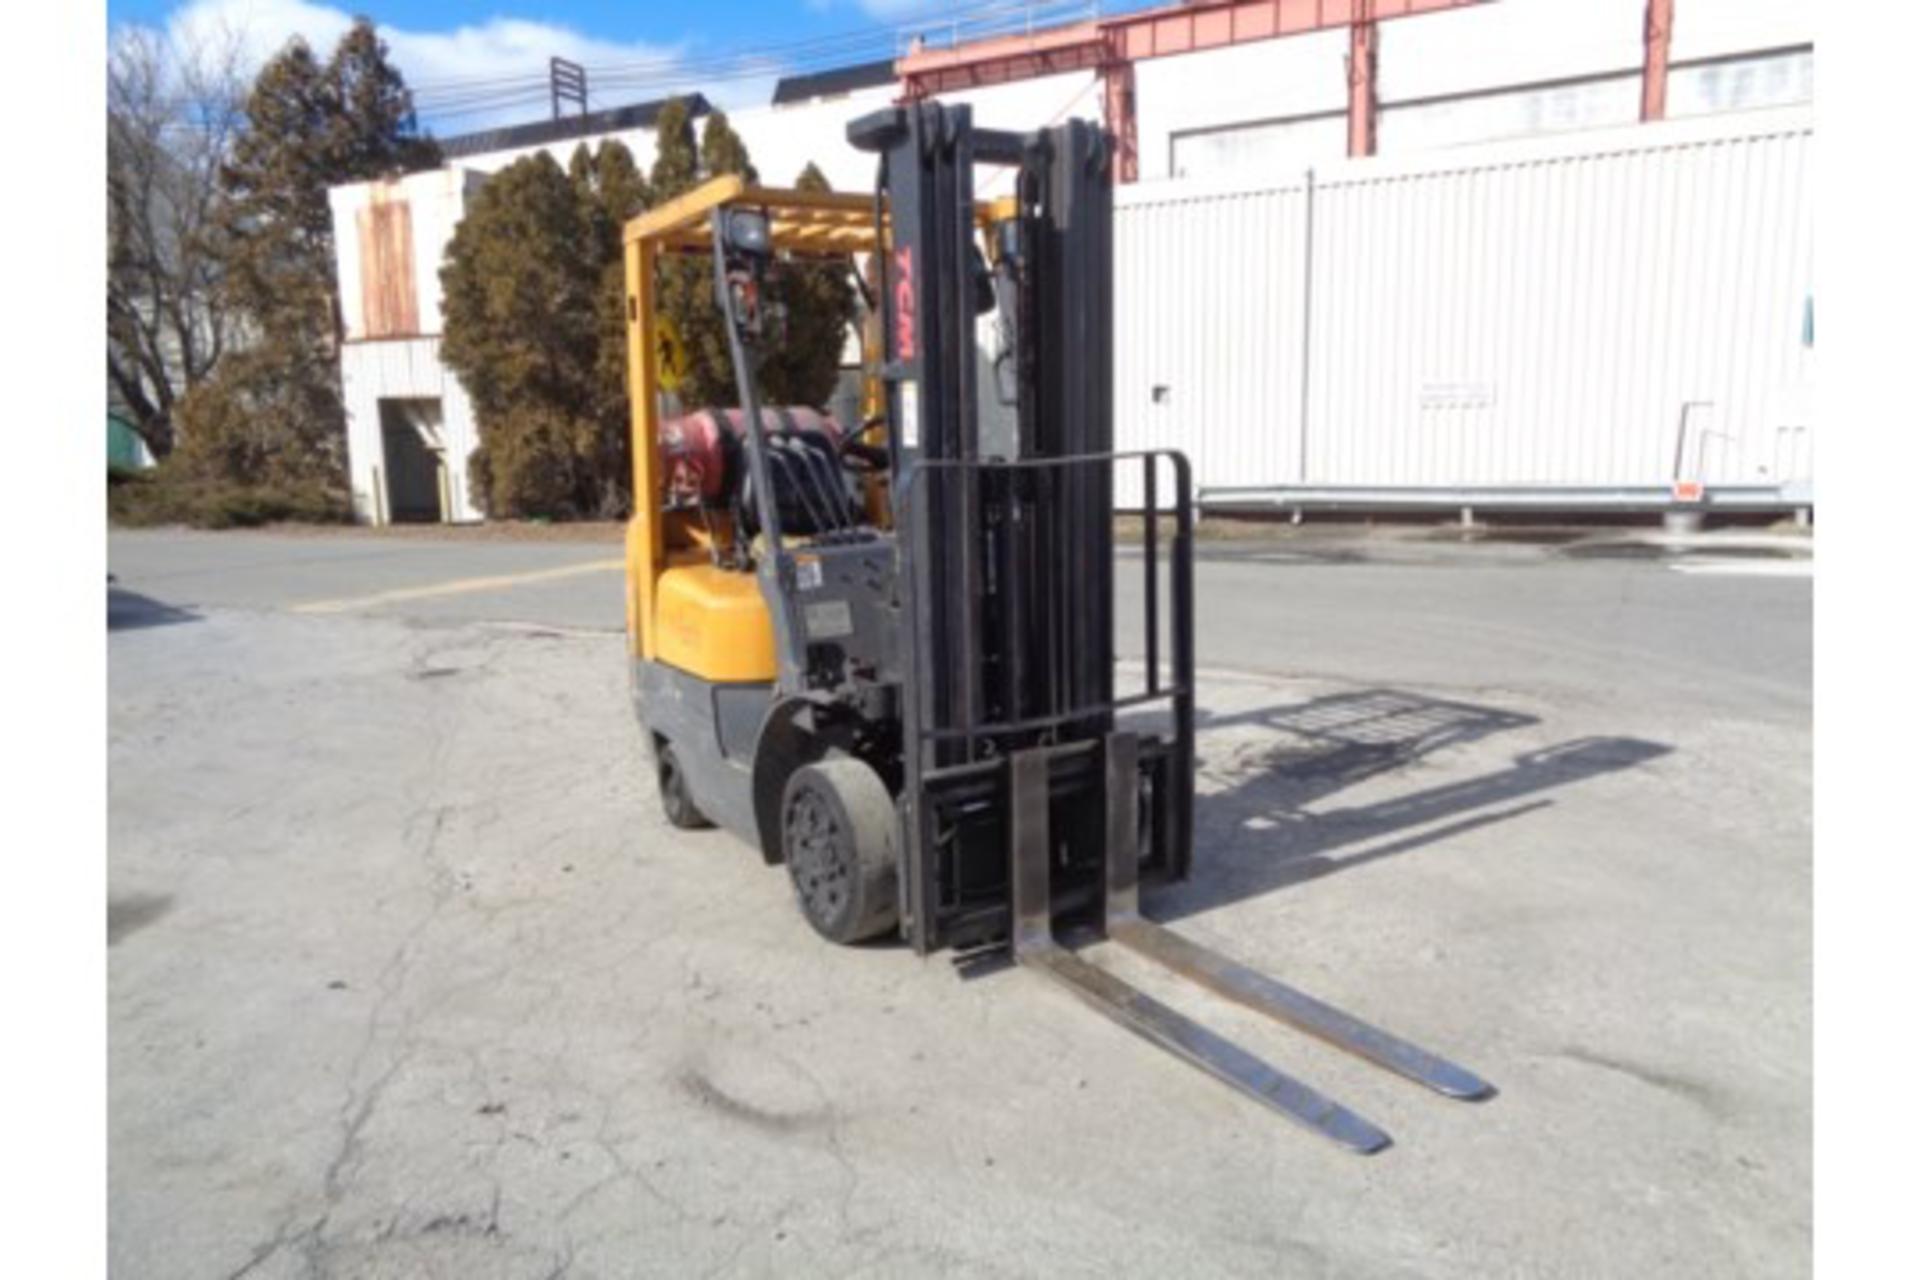 TCM FCG15F9 3,000lb Forklift - Image 4 of 16